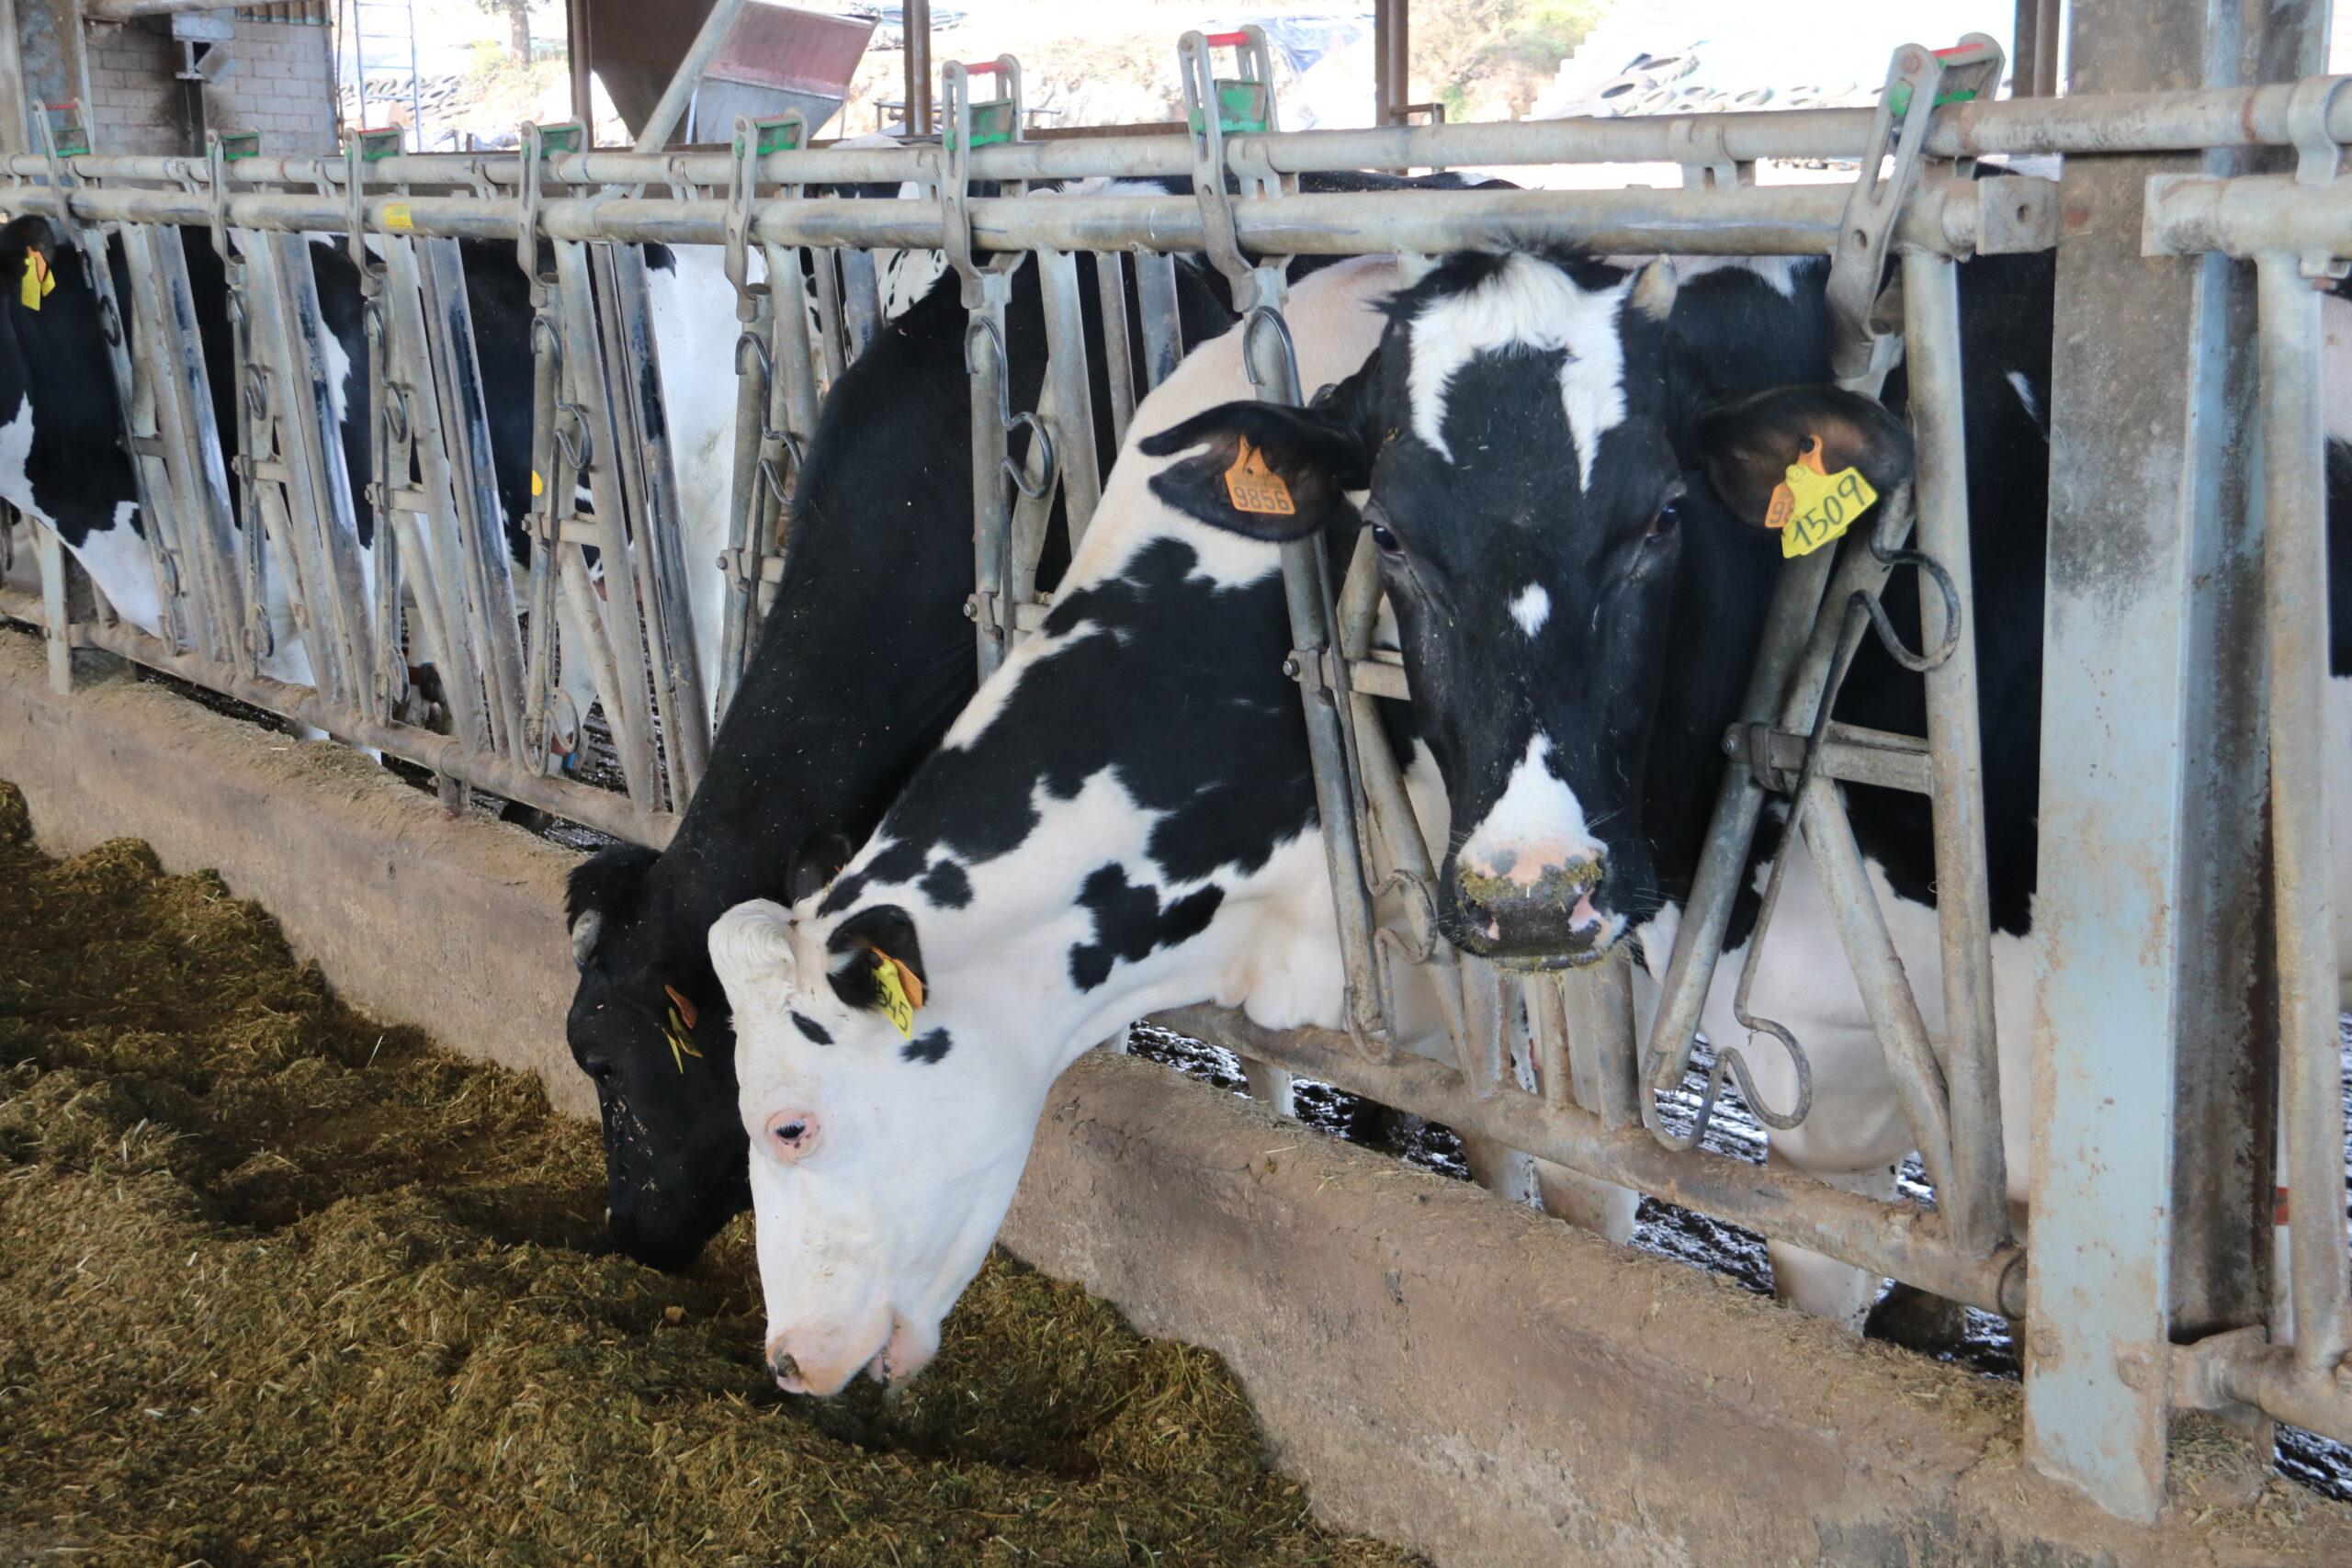 Diverses vaques menjant a la granja Can Pijoan, situada a Santa Cristina d'Aro (Baix Empordà), una de les explotacions ramaderes sòcia de la cooperativa Lletera de Campllong | ACN